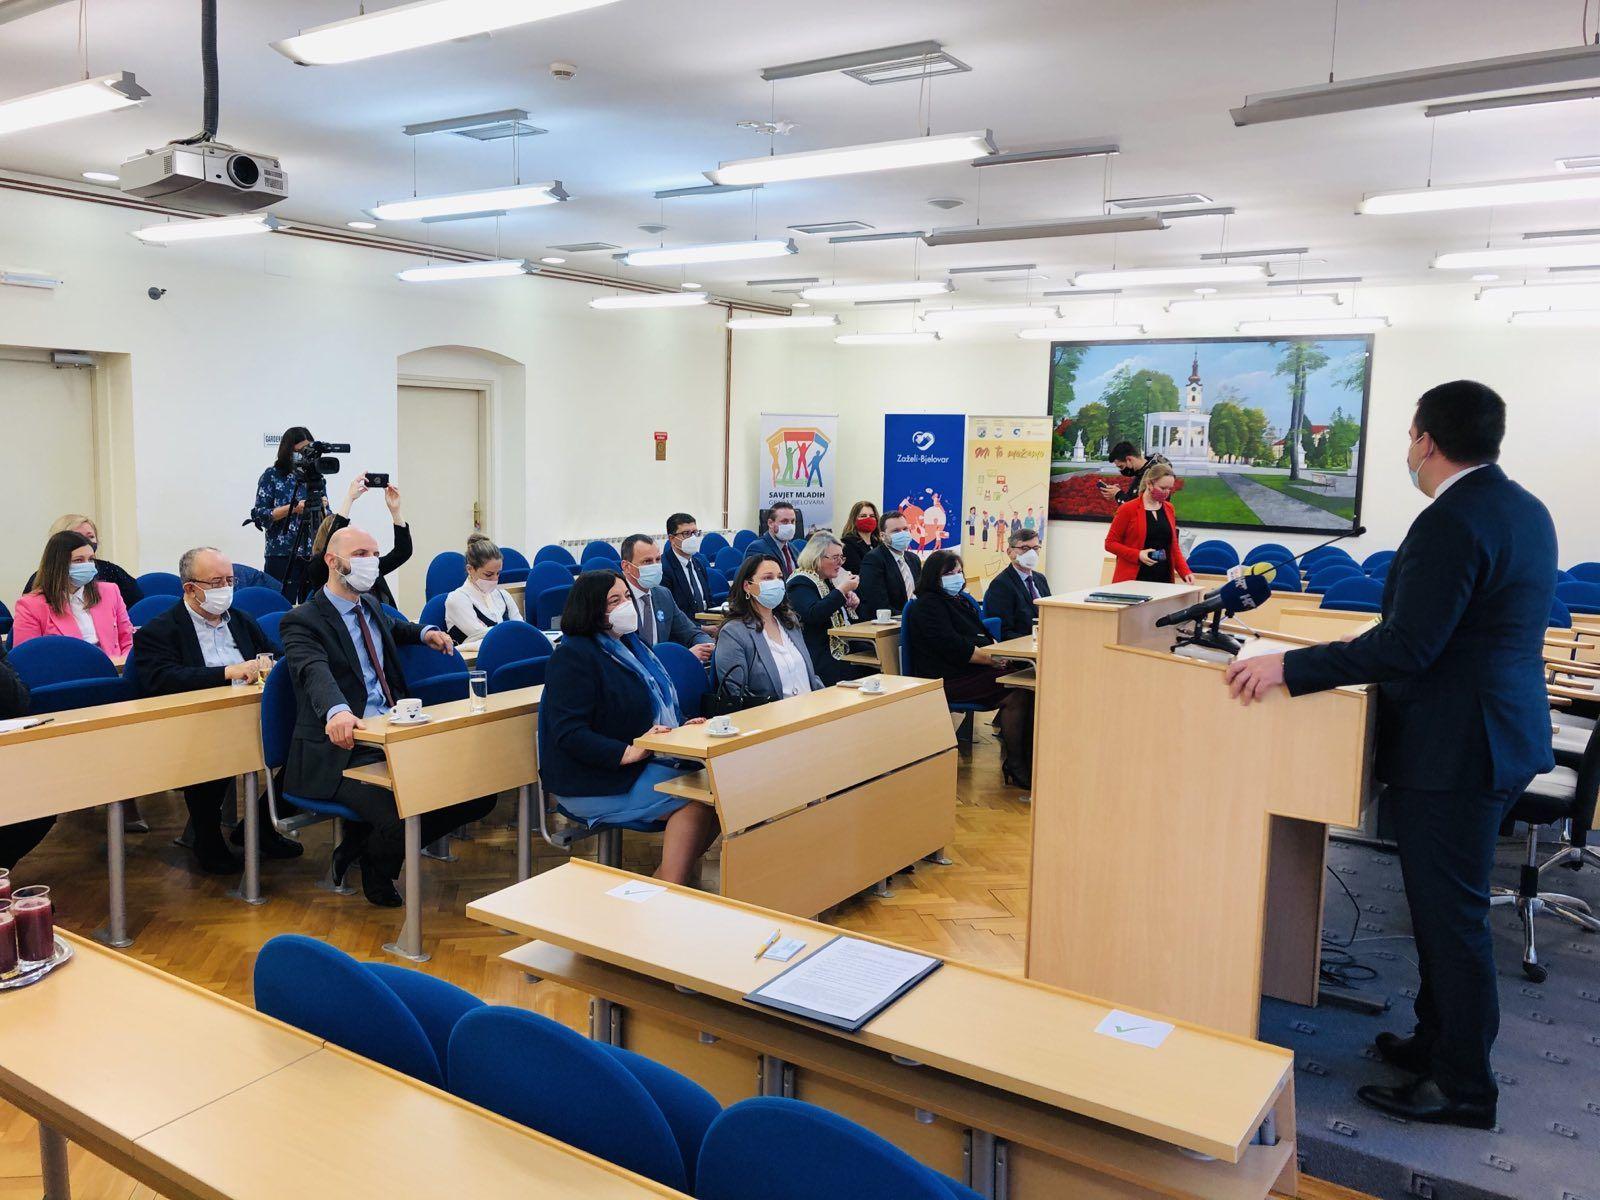 grad bjelovar-veleposlanici (2)